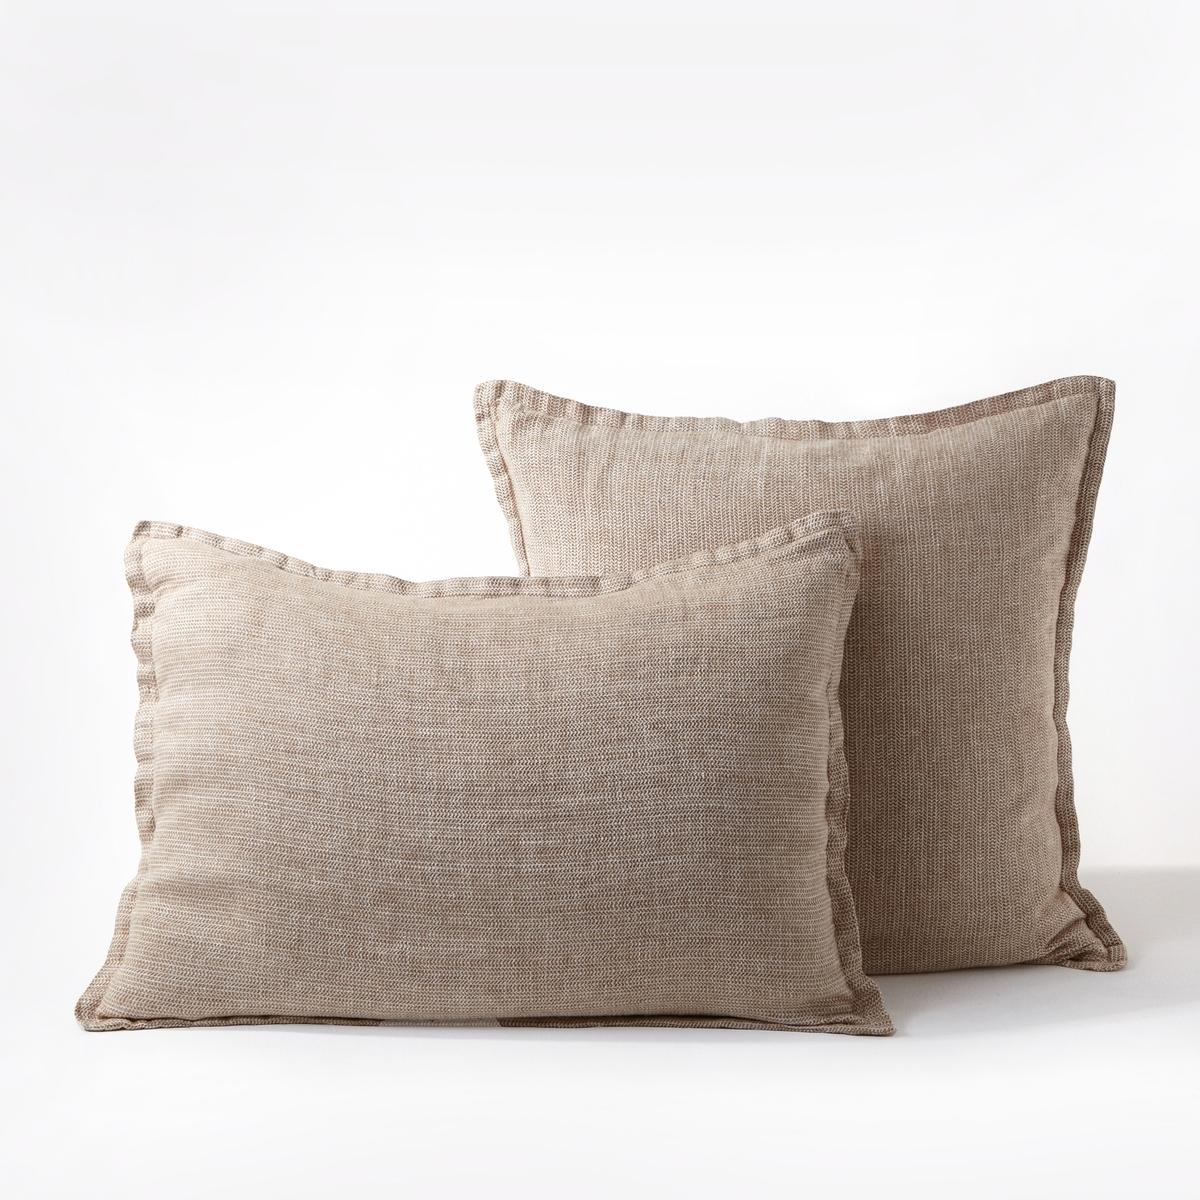 Наволочка из осветленного льна с зигзагообразным рисунком, EbintaОсветленный лен. Ткань с легким жатым эффектом не требует глажки, со временем становится более мягкой и нежной.Состав :- 100% ленОтделка : - Плоский волан- Форма мешкаУход : - Машинная стирка при 40 °С Размеры :- 50 x 70 см : прямоугольная наволочка- 65 x 65 см  : квадратная наволочка<br><br>Цвет: экрю/ красный,экрю/желтый,экрю/хаки